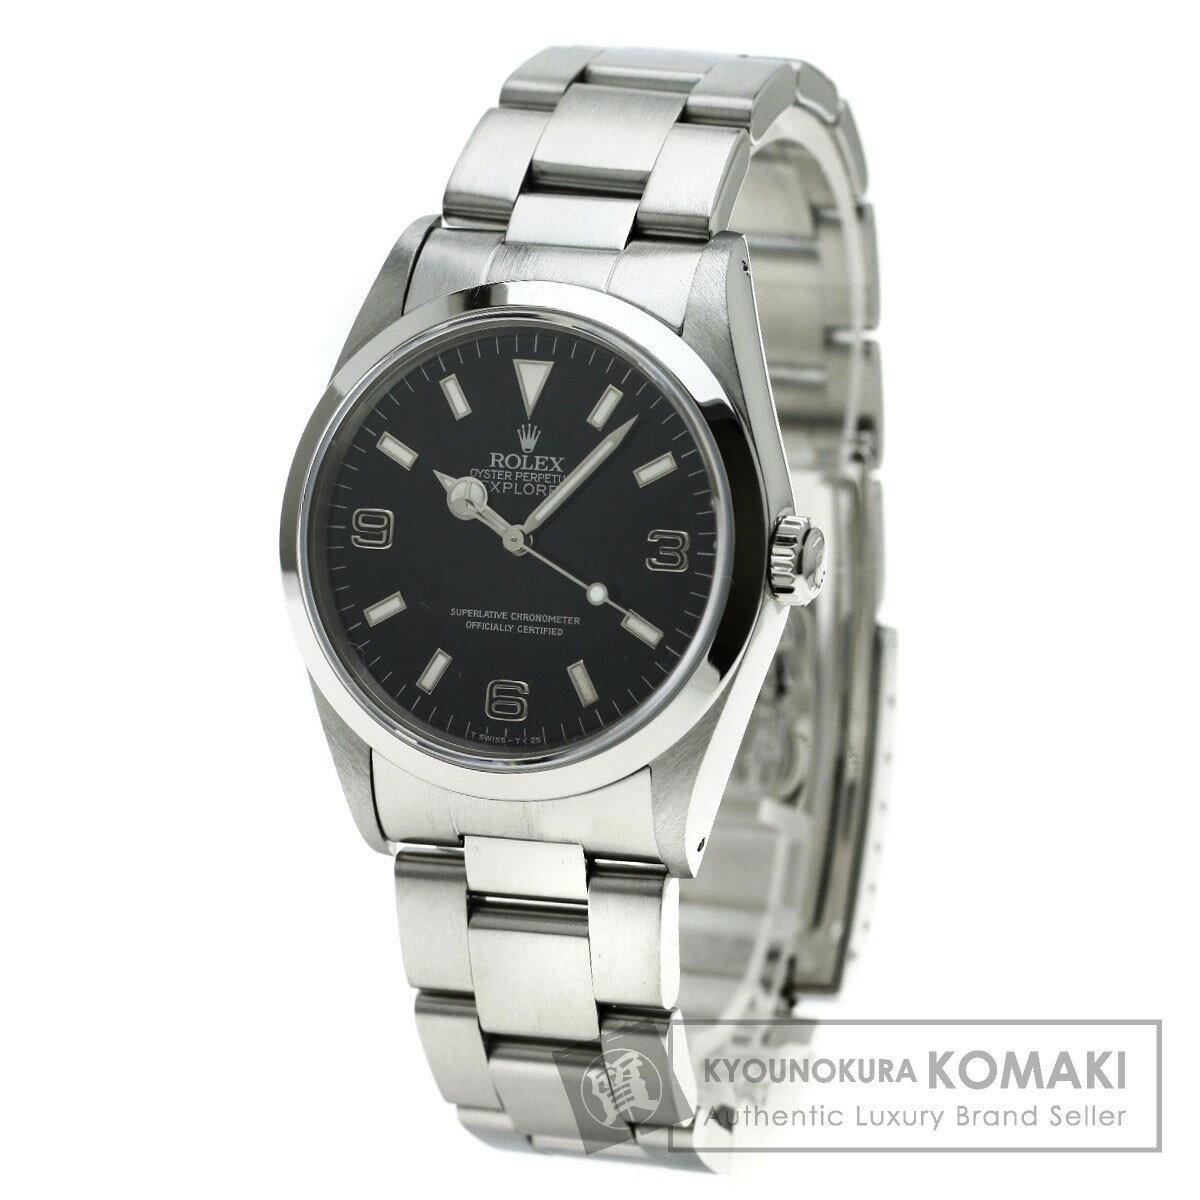 ROLEX 14270 エクスプローラー 腕時計 ステンレス/SS メンズ 【中古】【ロレックス】